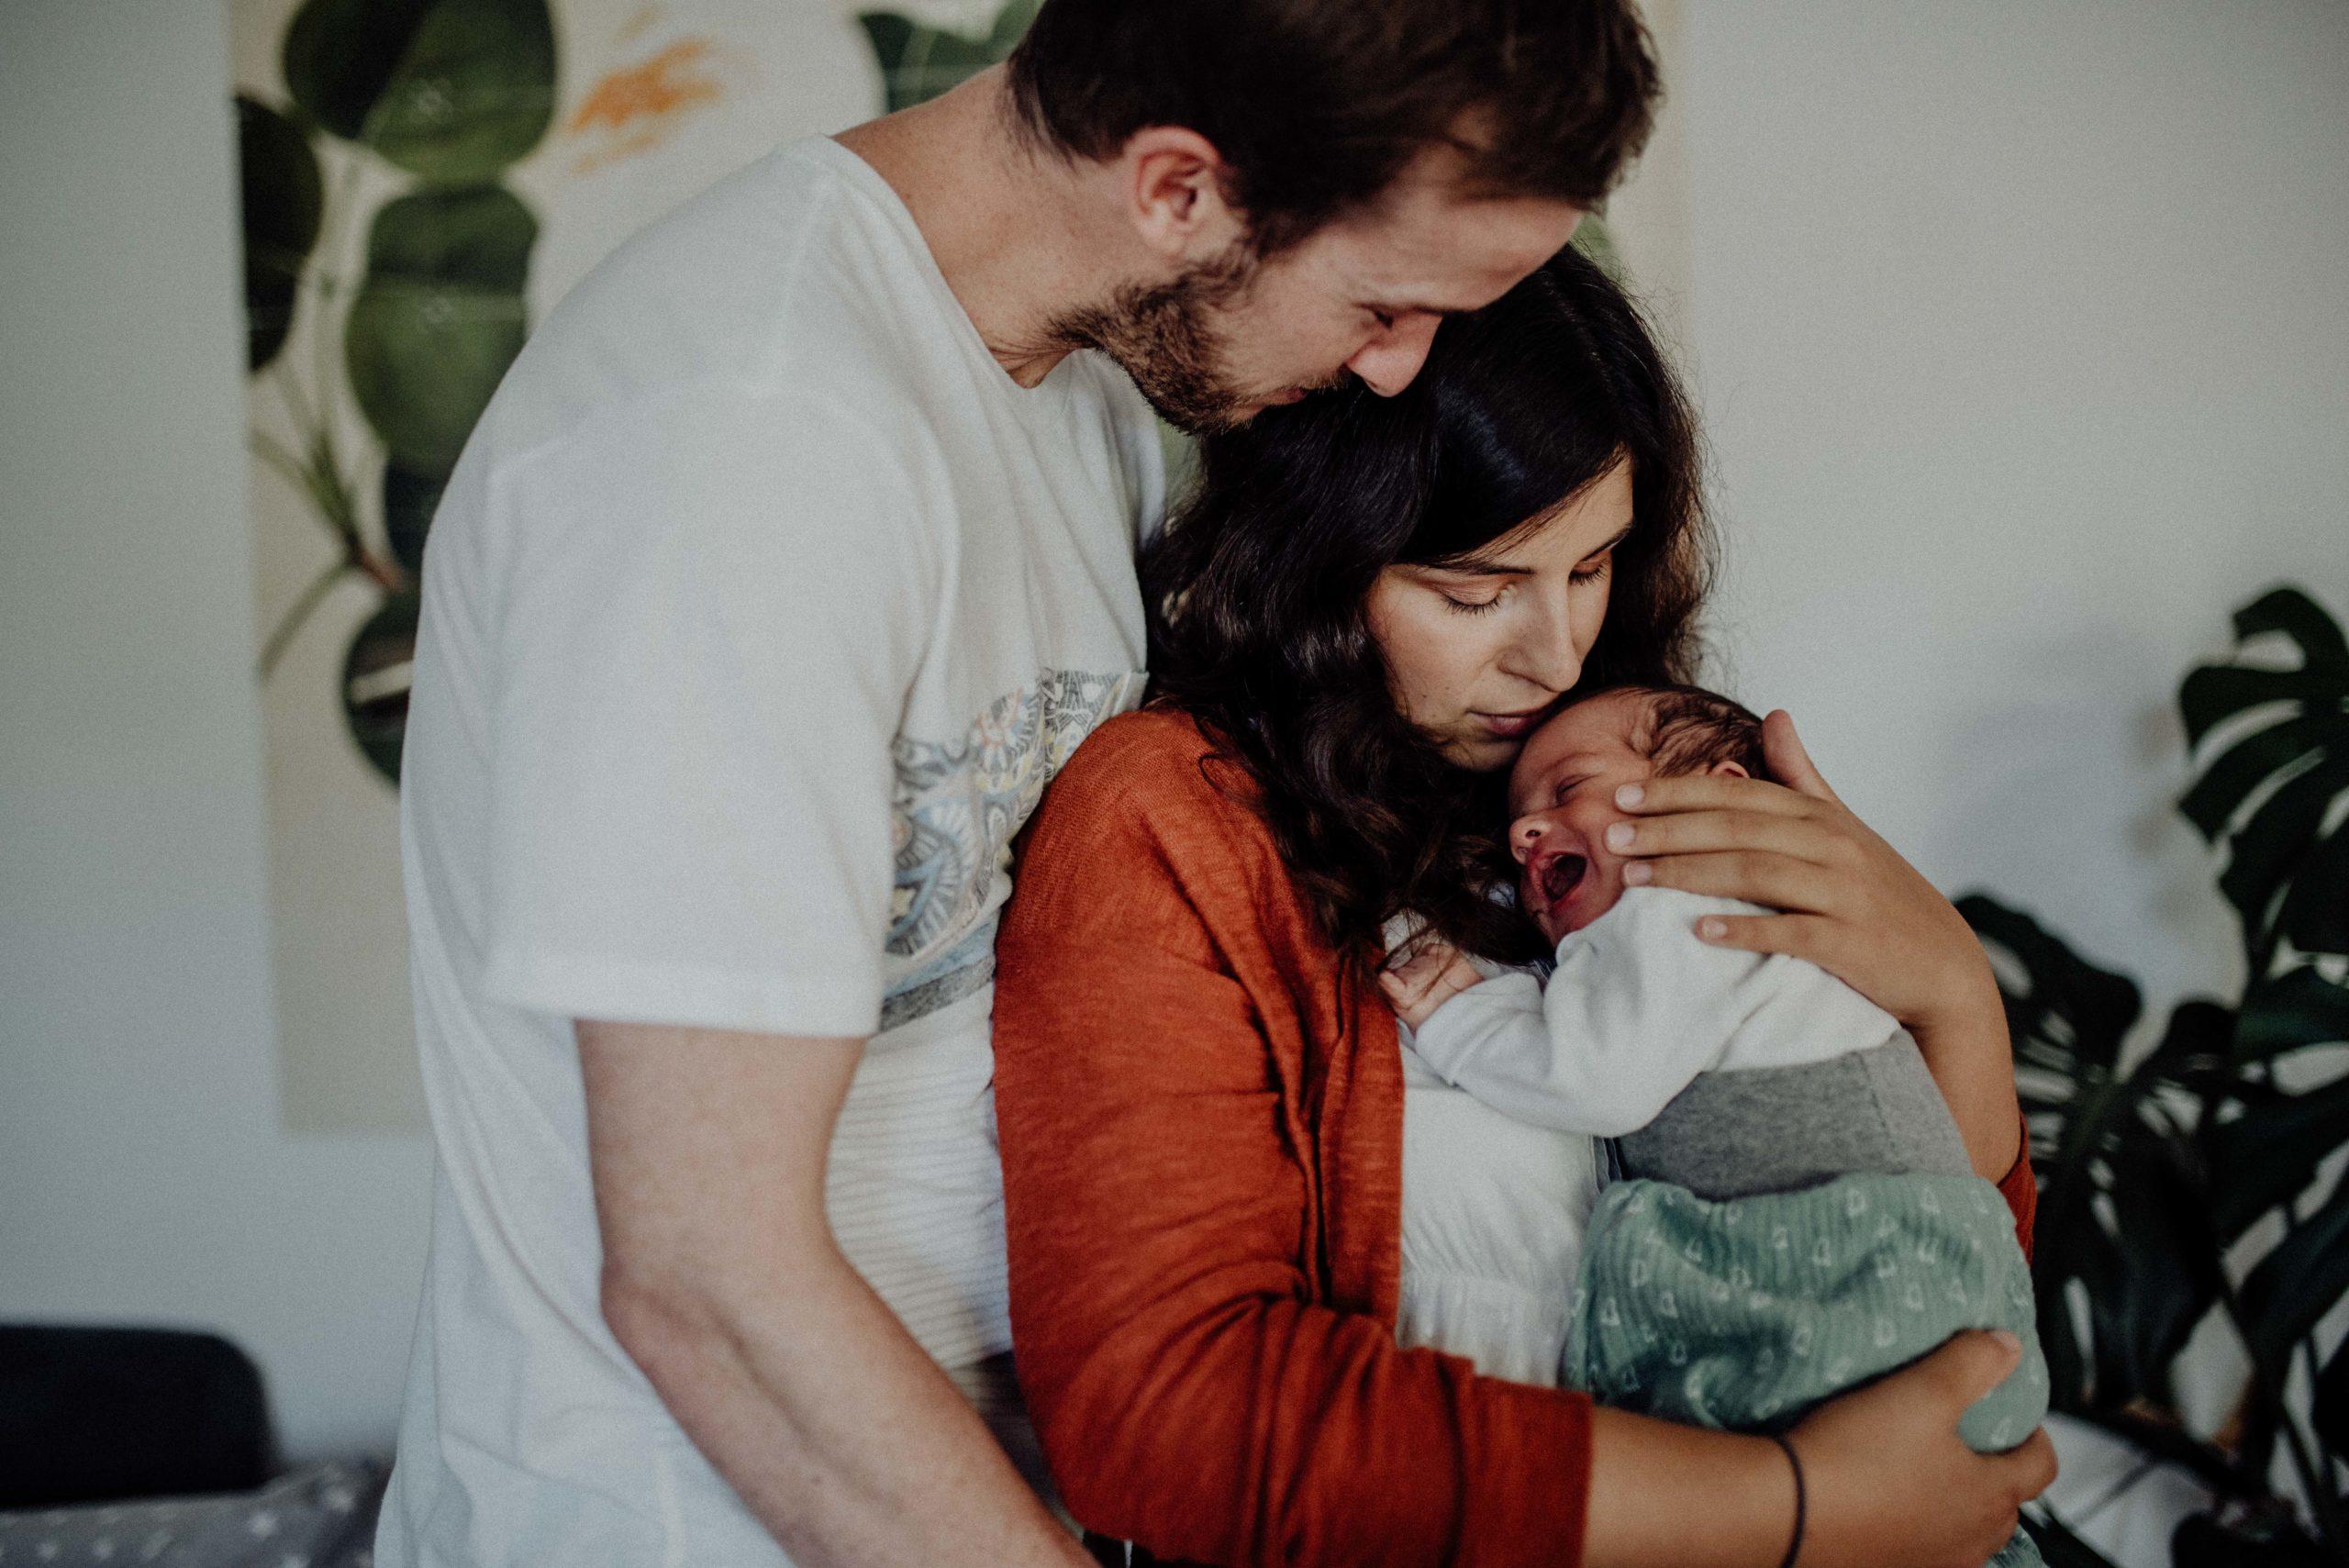 012-Witten-Homestory-Homesession-Newborn-Baby-Fotoshooting